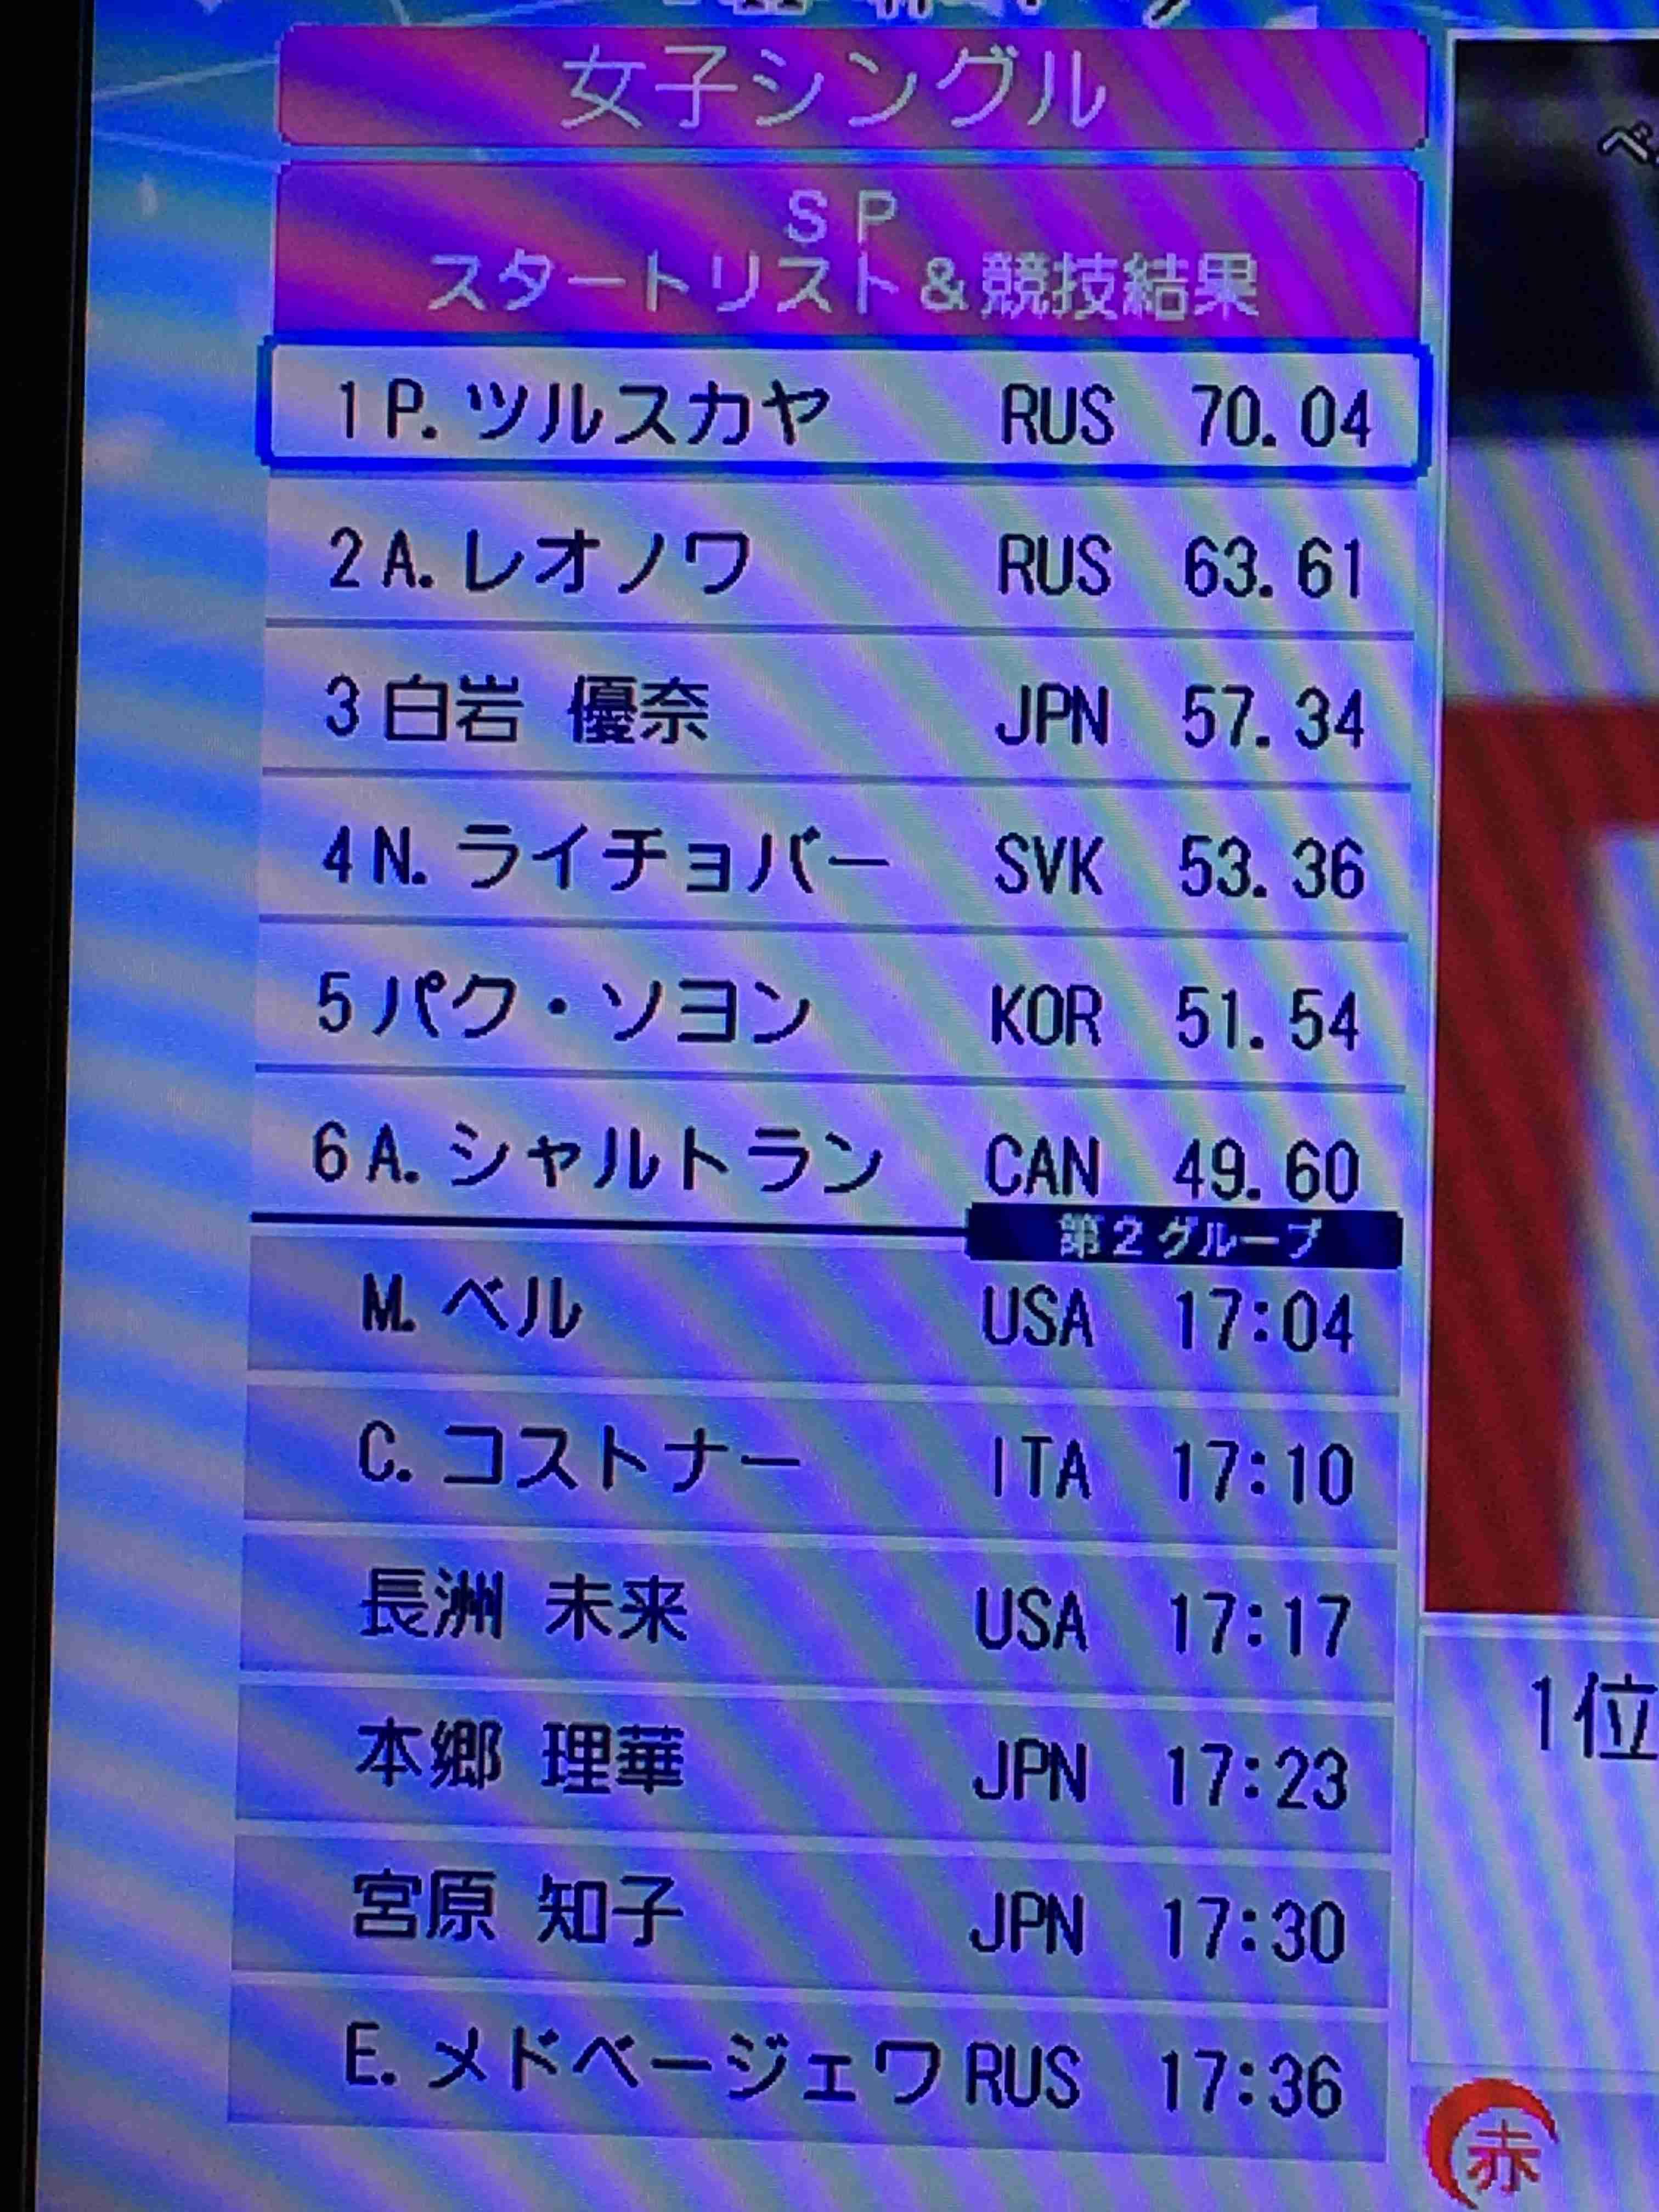 【実況・感想】2017年NHK杯フィギュア  男女ショート